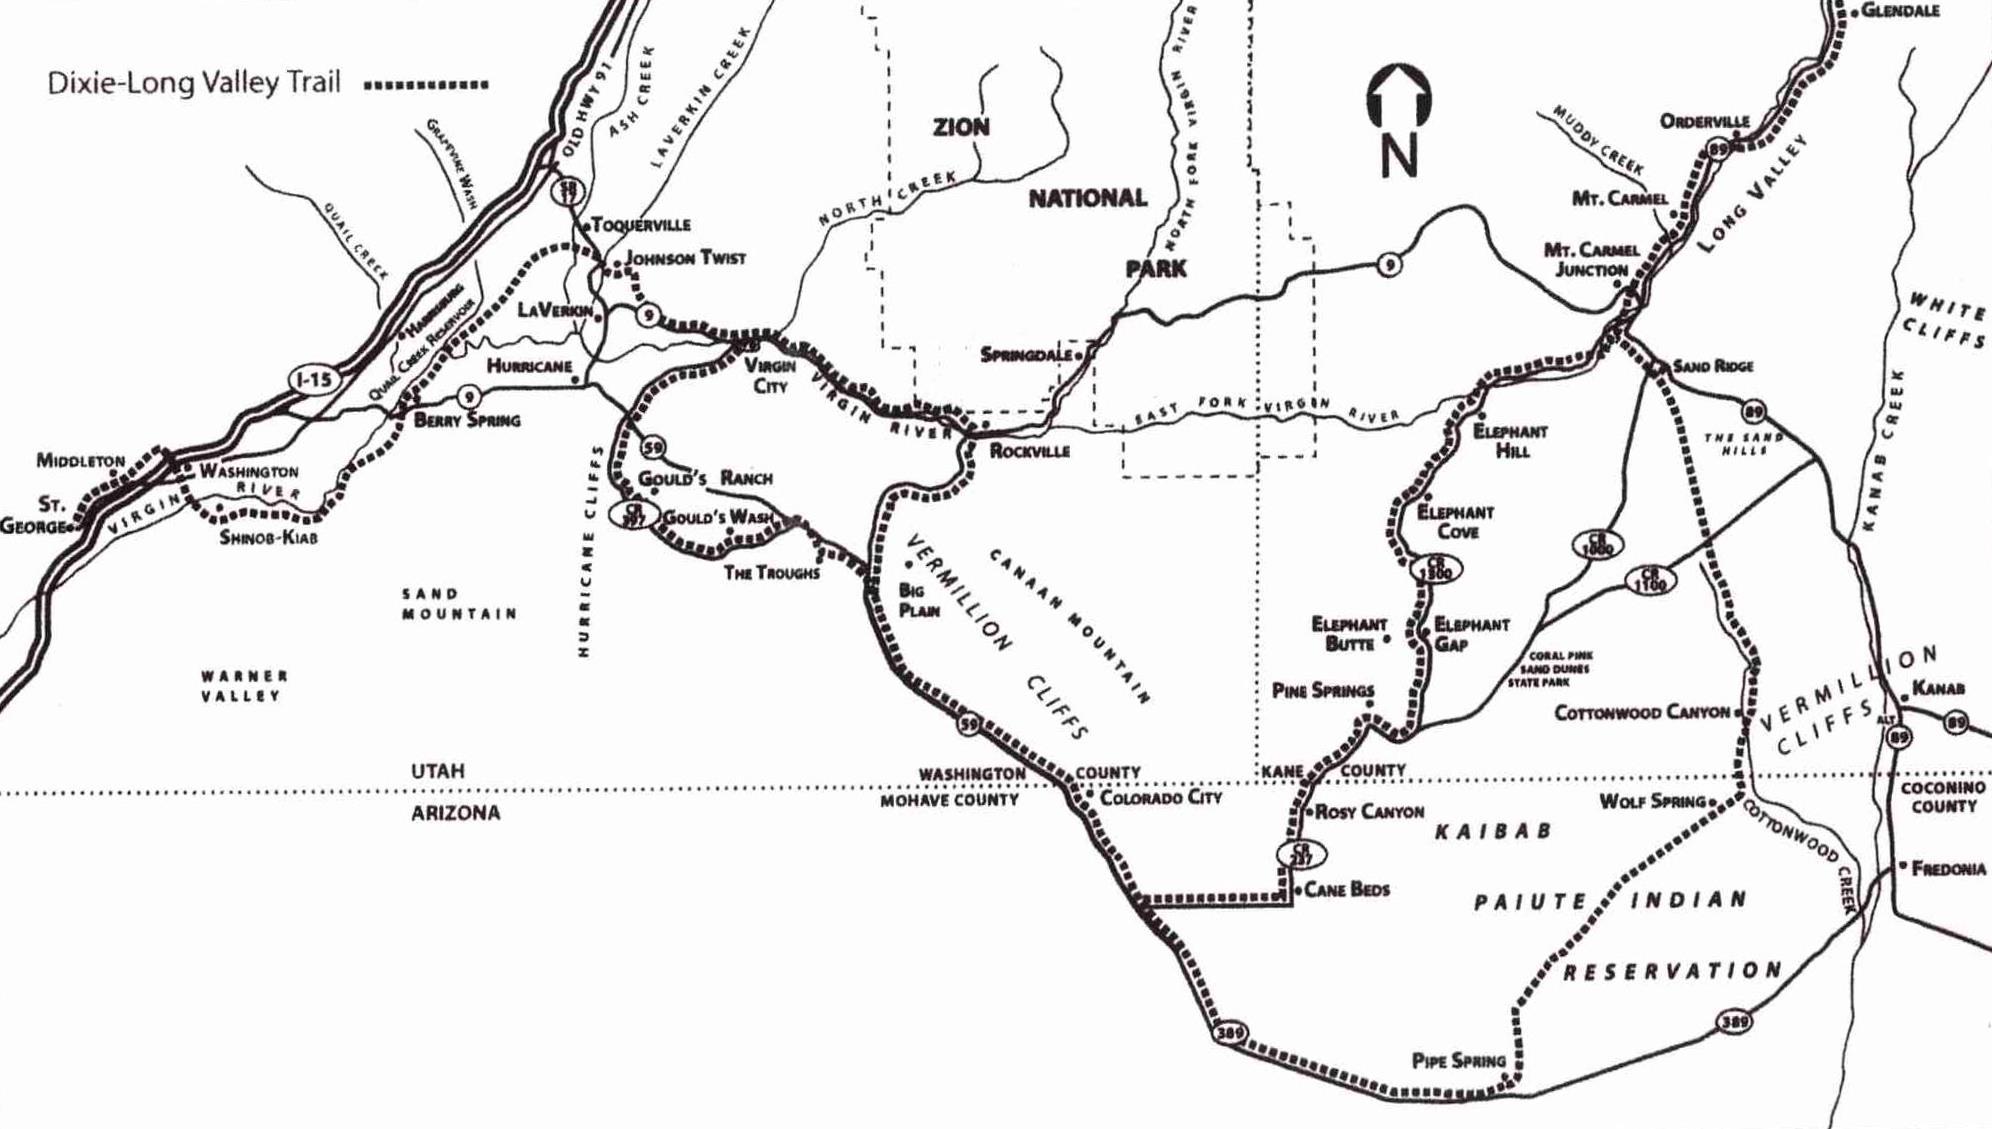 Washington County Iowa Map.Washington County Maps And Charts